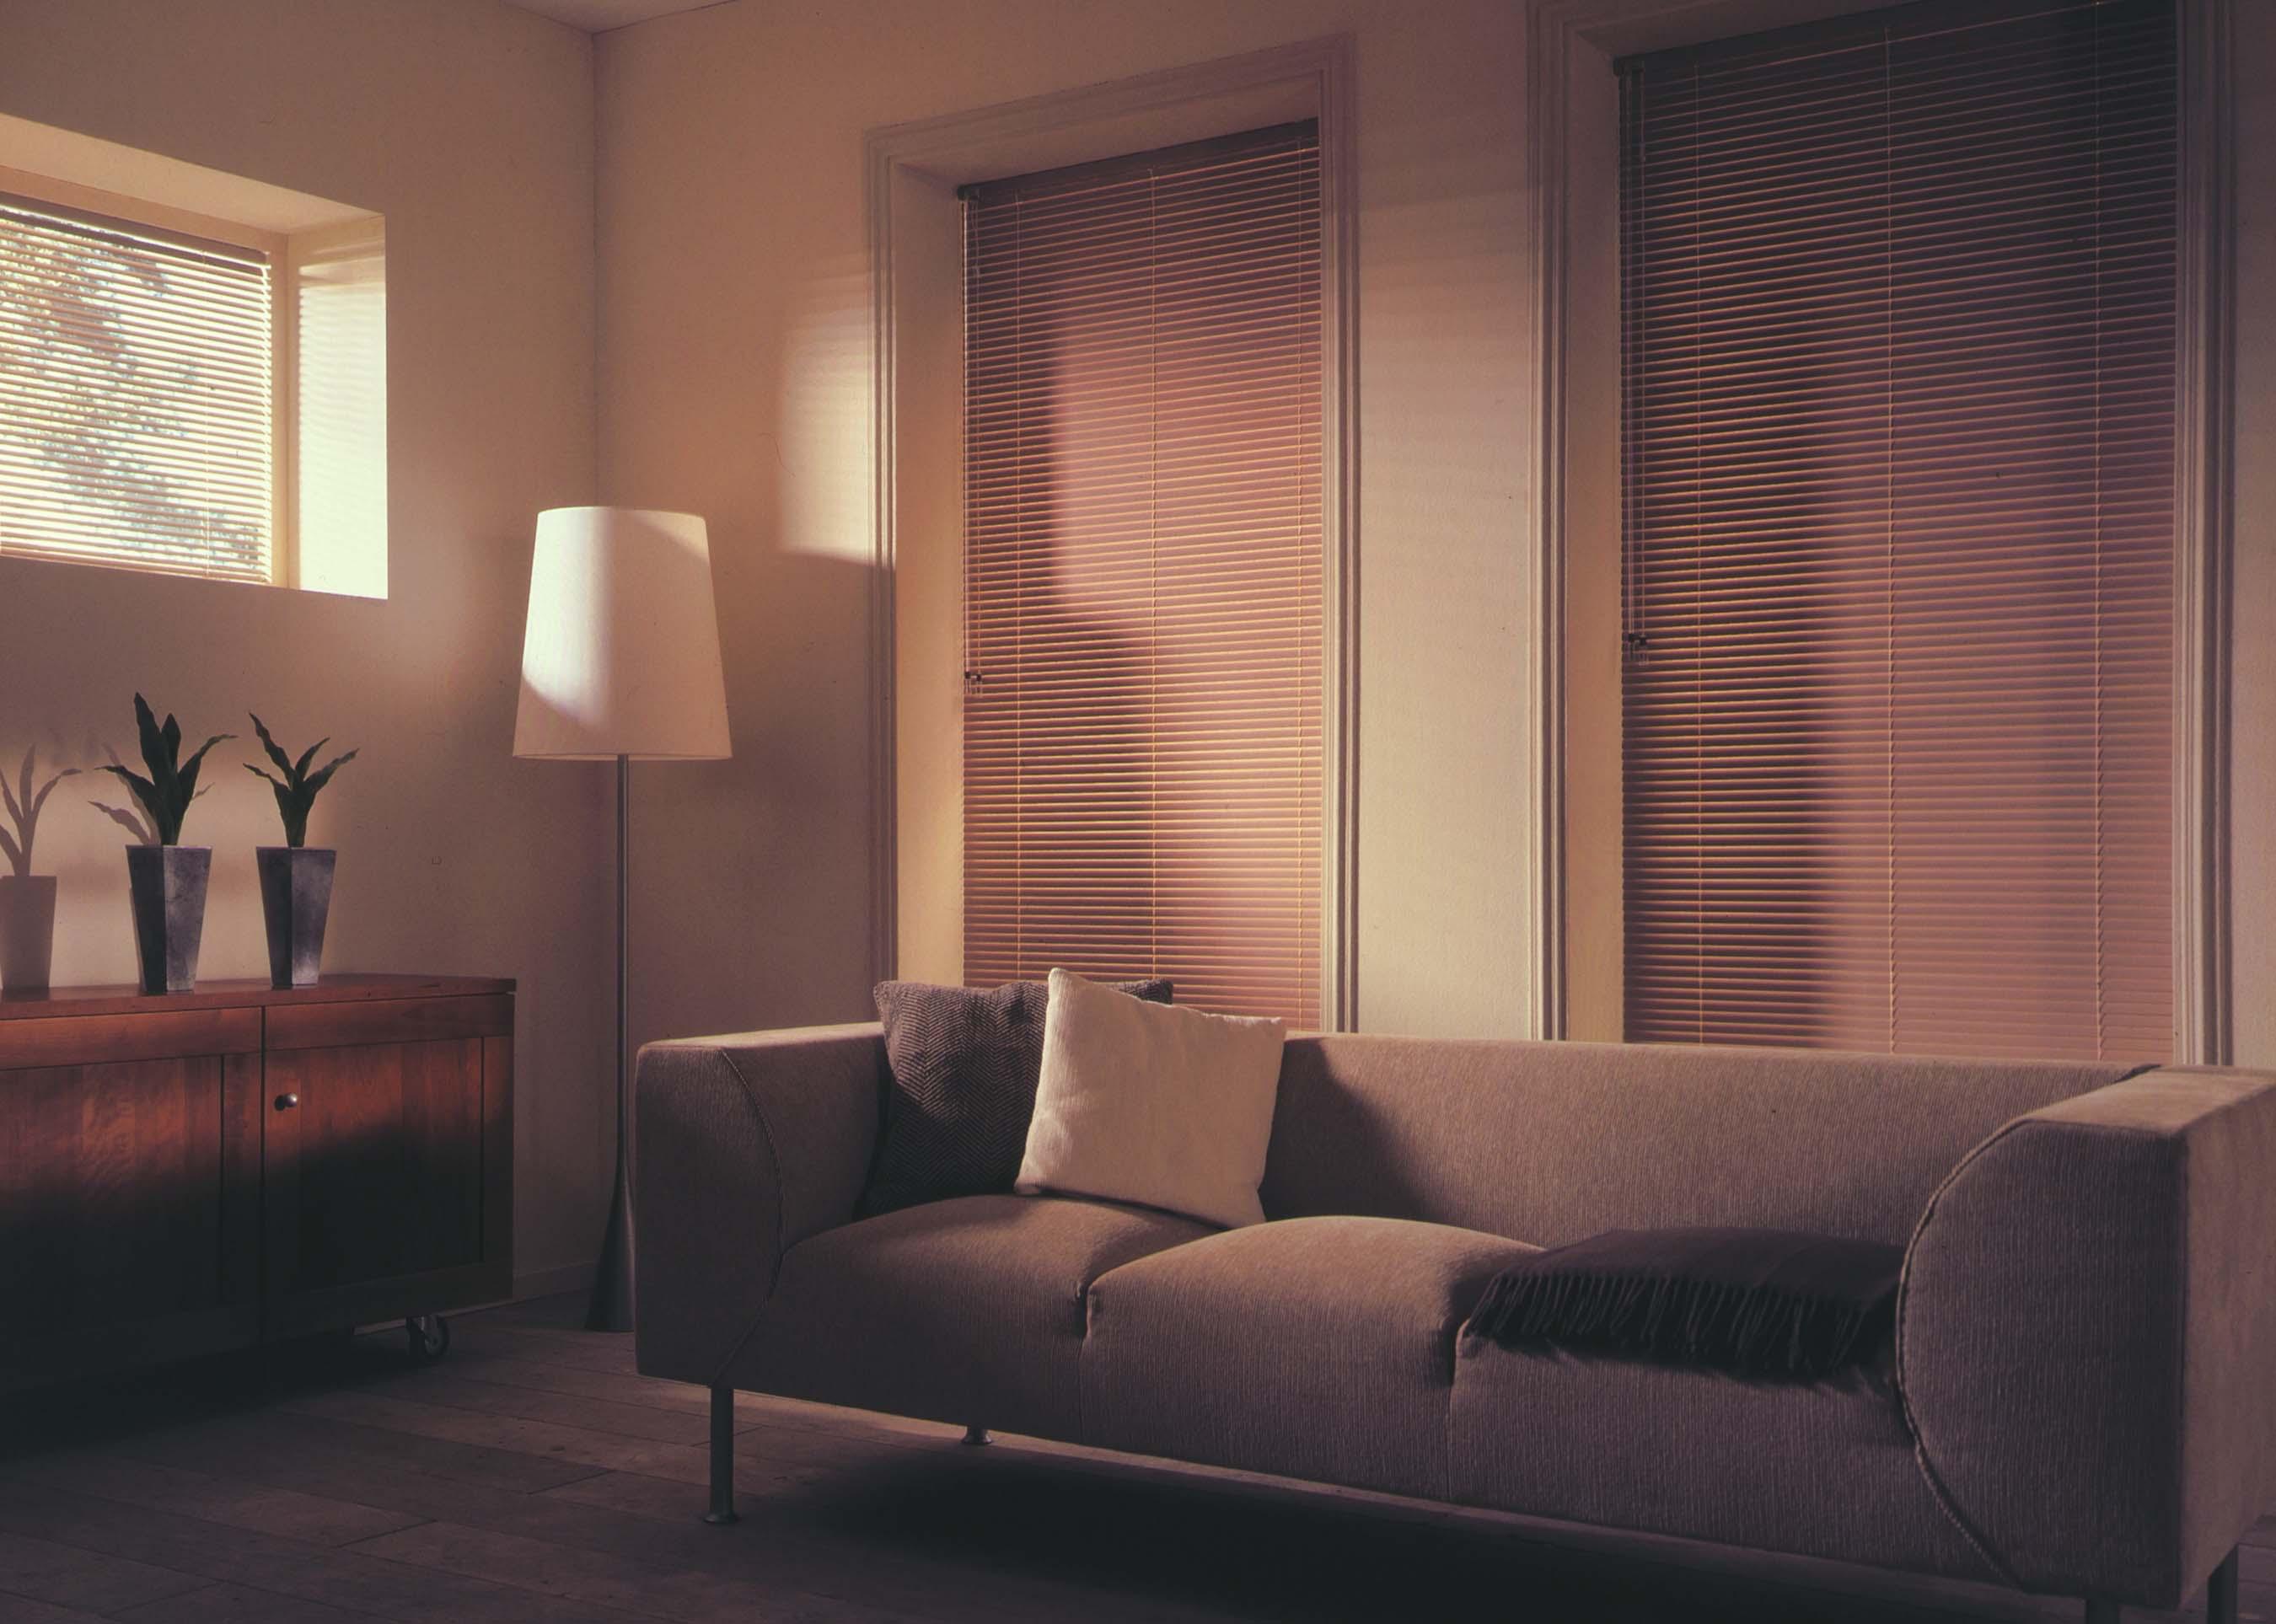 New York Venetian blinds closed for darker room